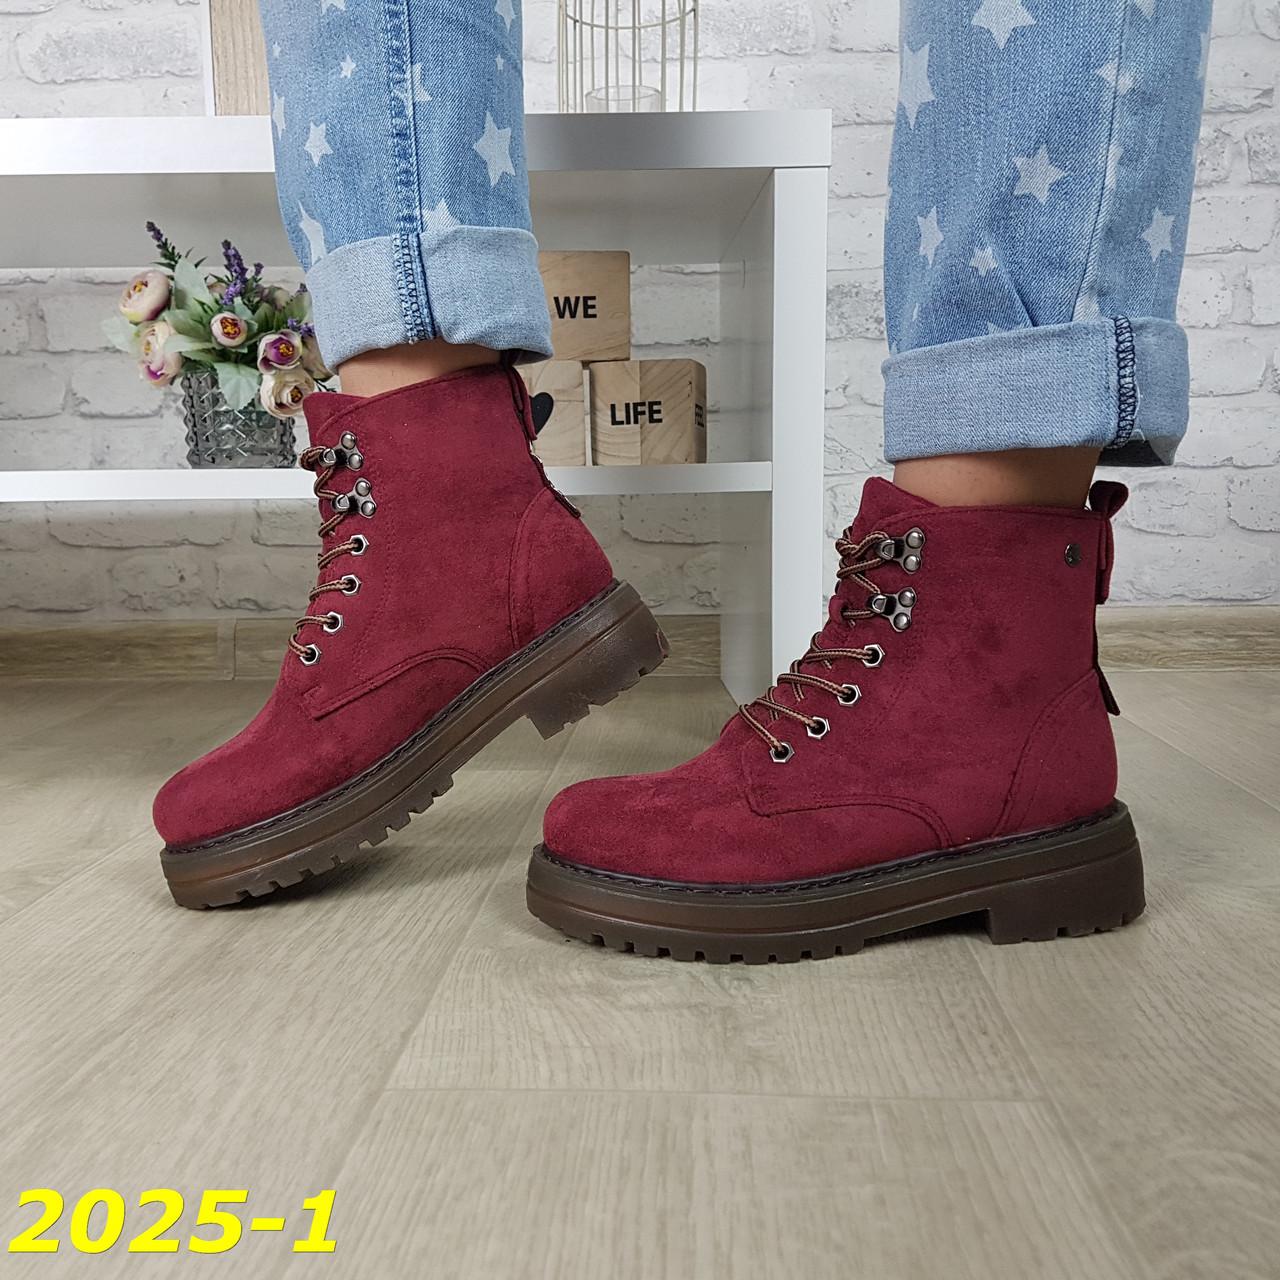 Ботинки зимние марсала бордо